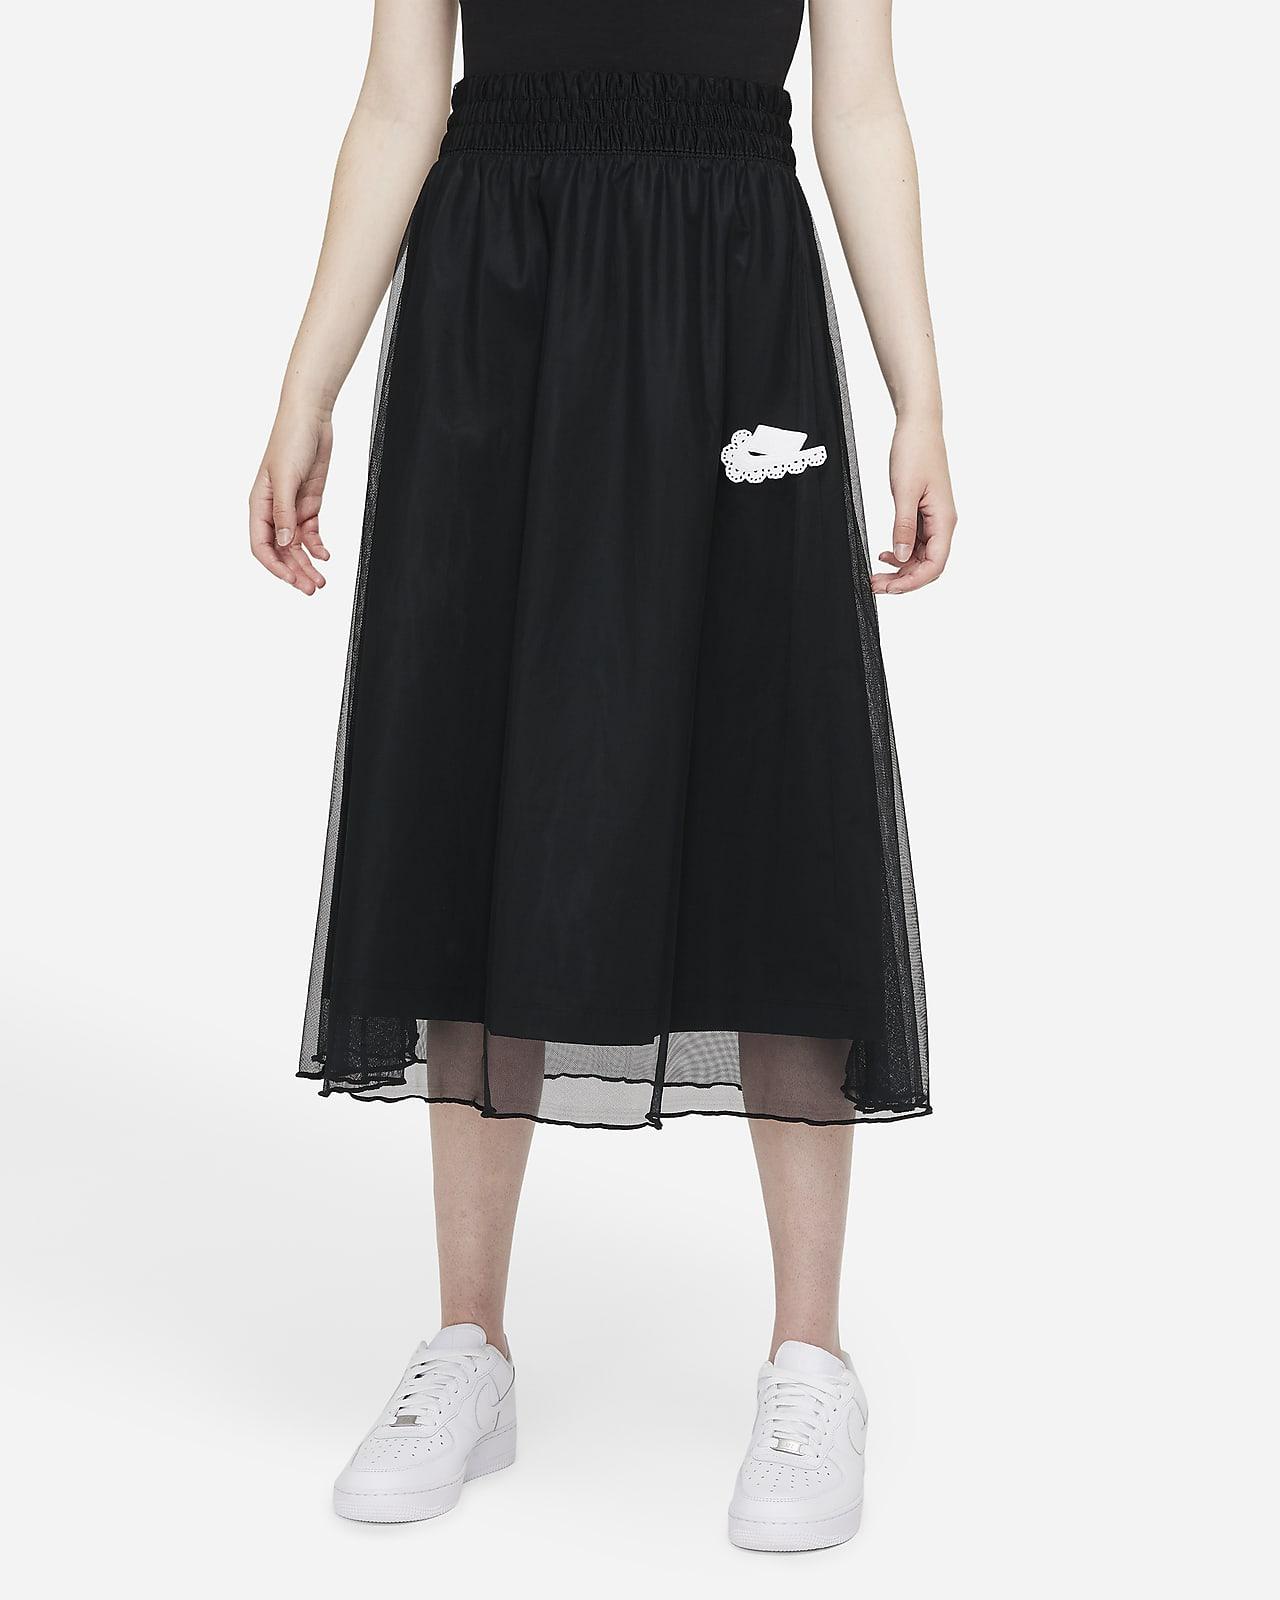 Nike Sportswear NSW 女子梭织裙